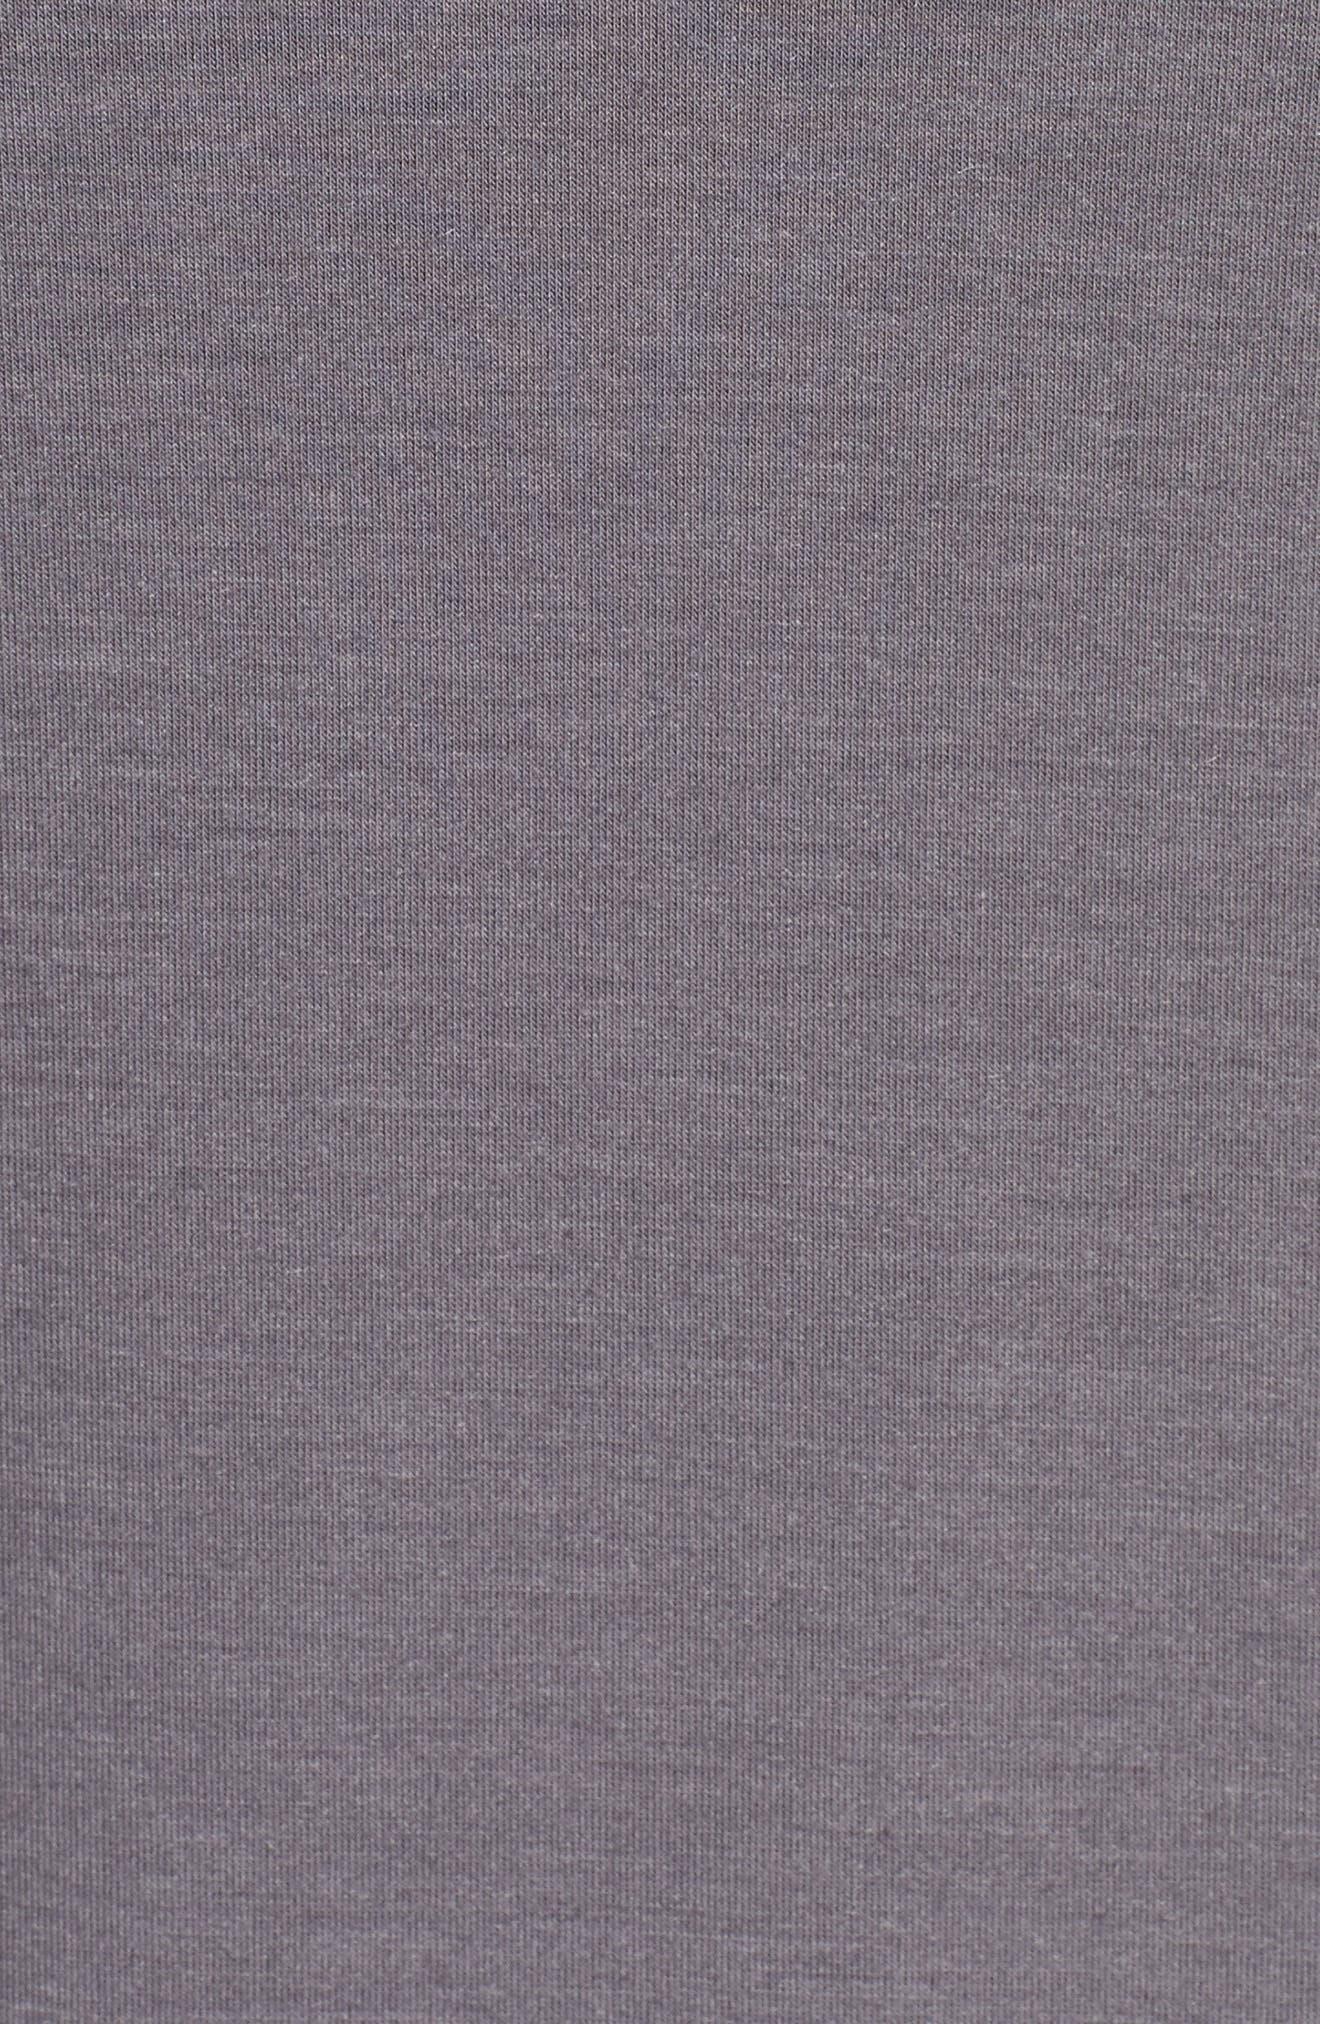 Dry Training Zip Hoodie,                             Alternate thumbnail 5, color,                             GUNSMOKE/ BLACK/ VAST GREY